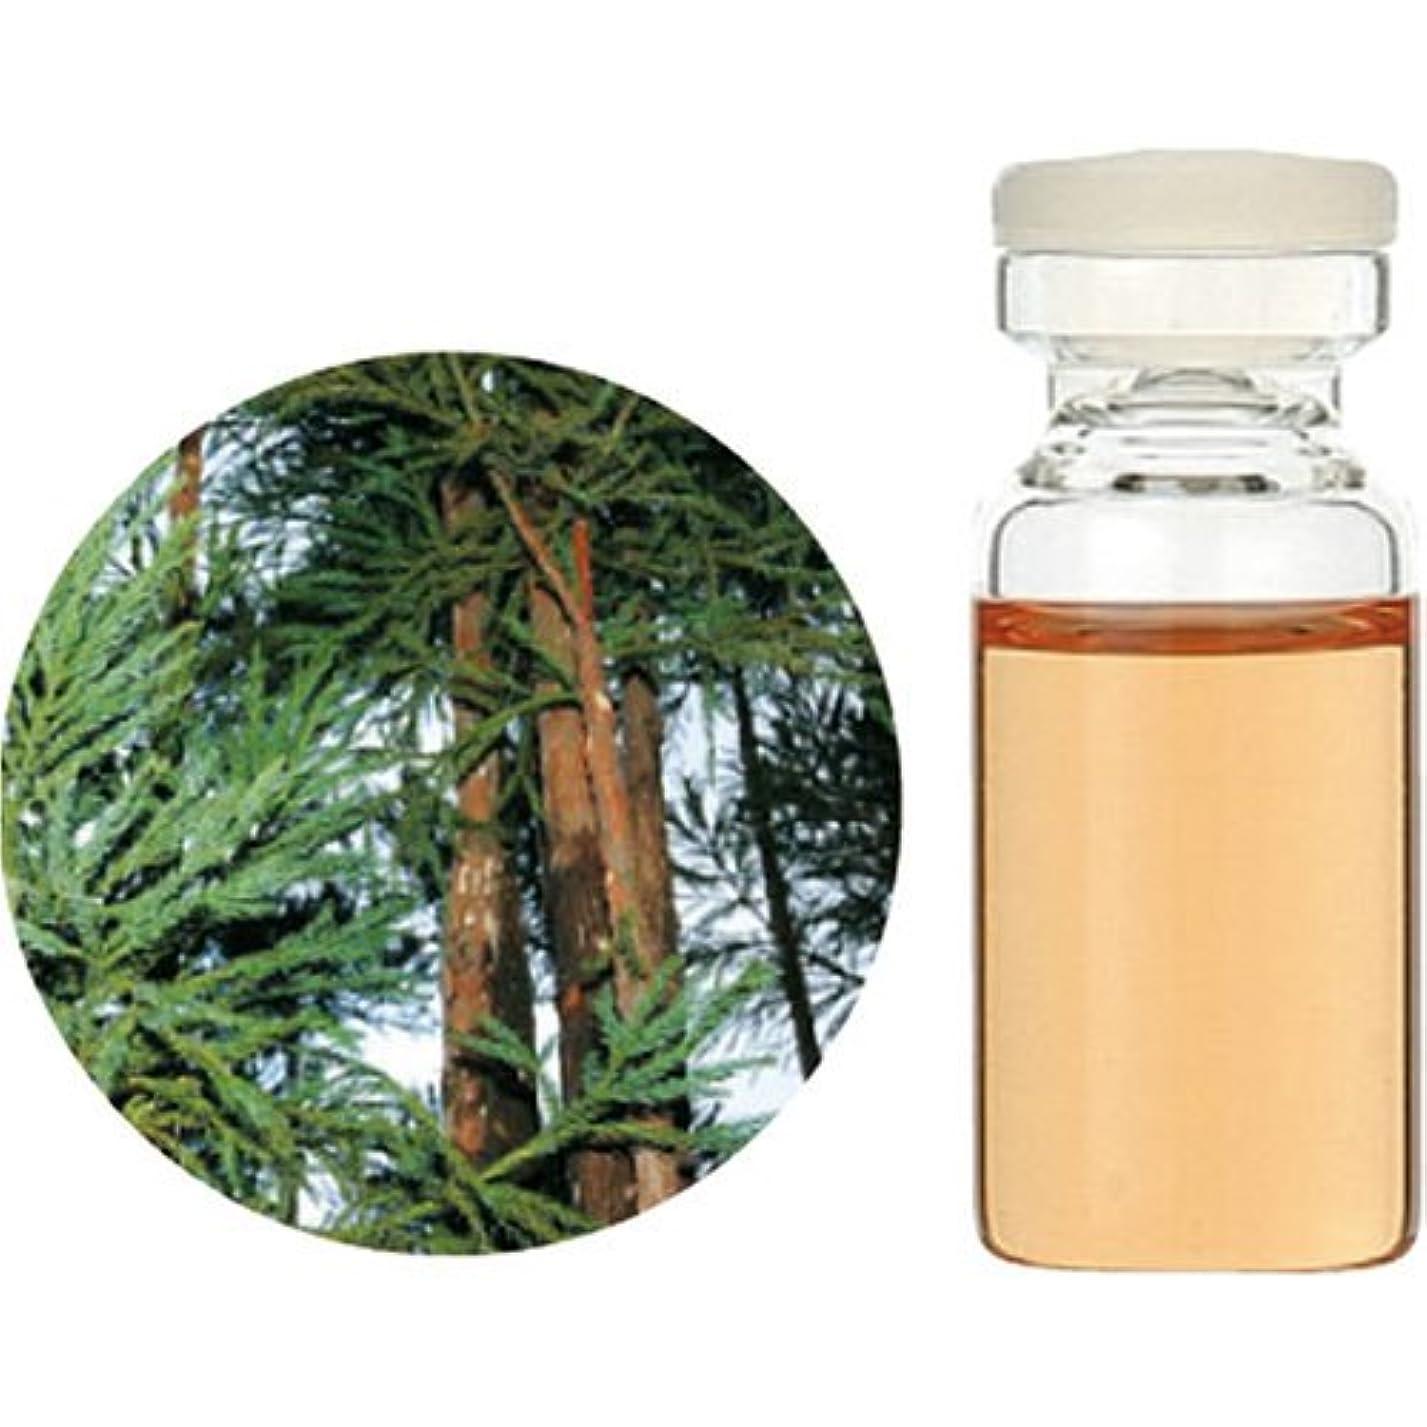 刺す遺伝的取り扱い生活の木 C 和精油 杉 (木部) エッセンシャルオイル 10ml